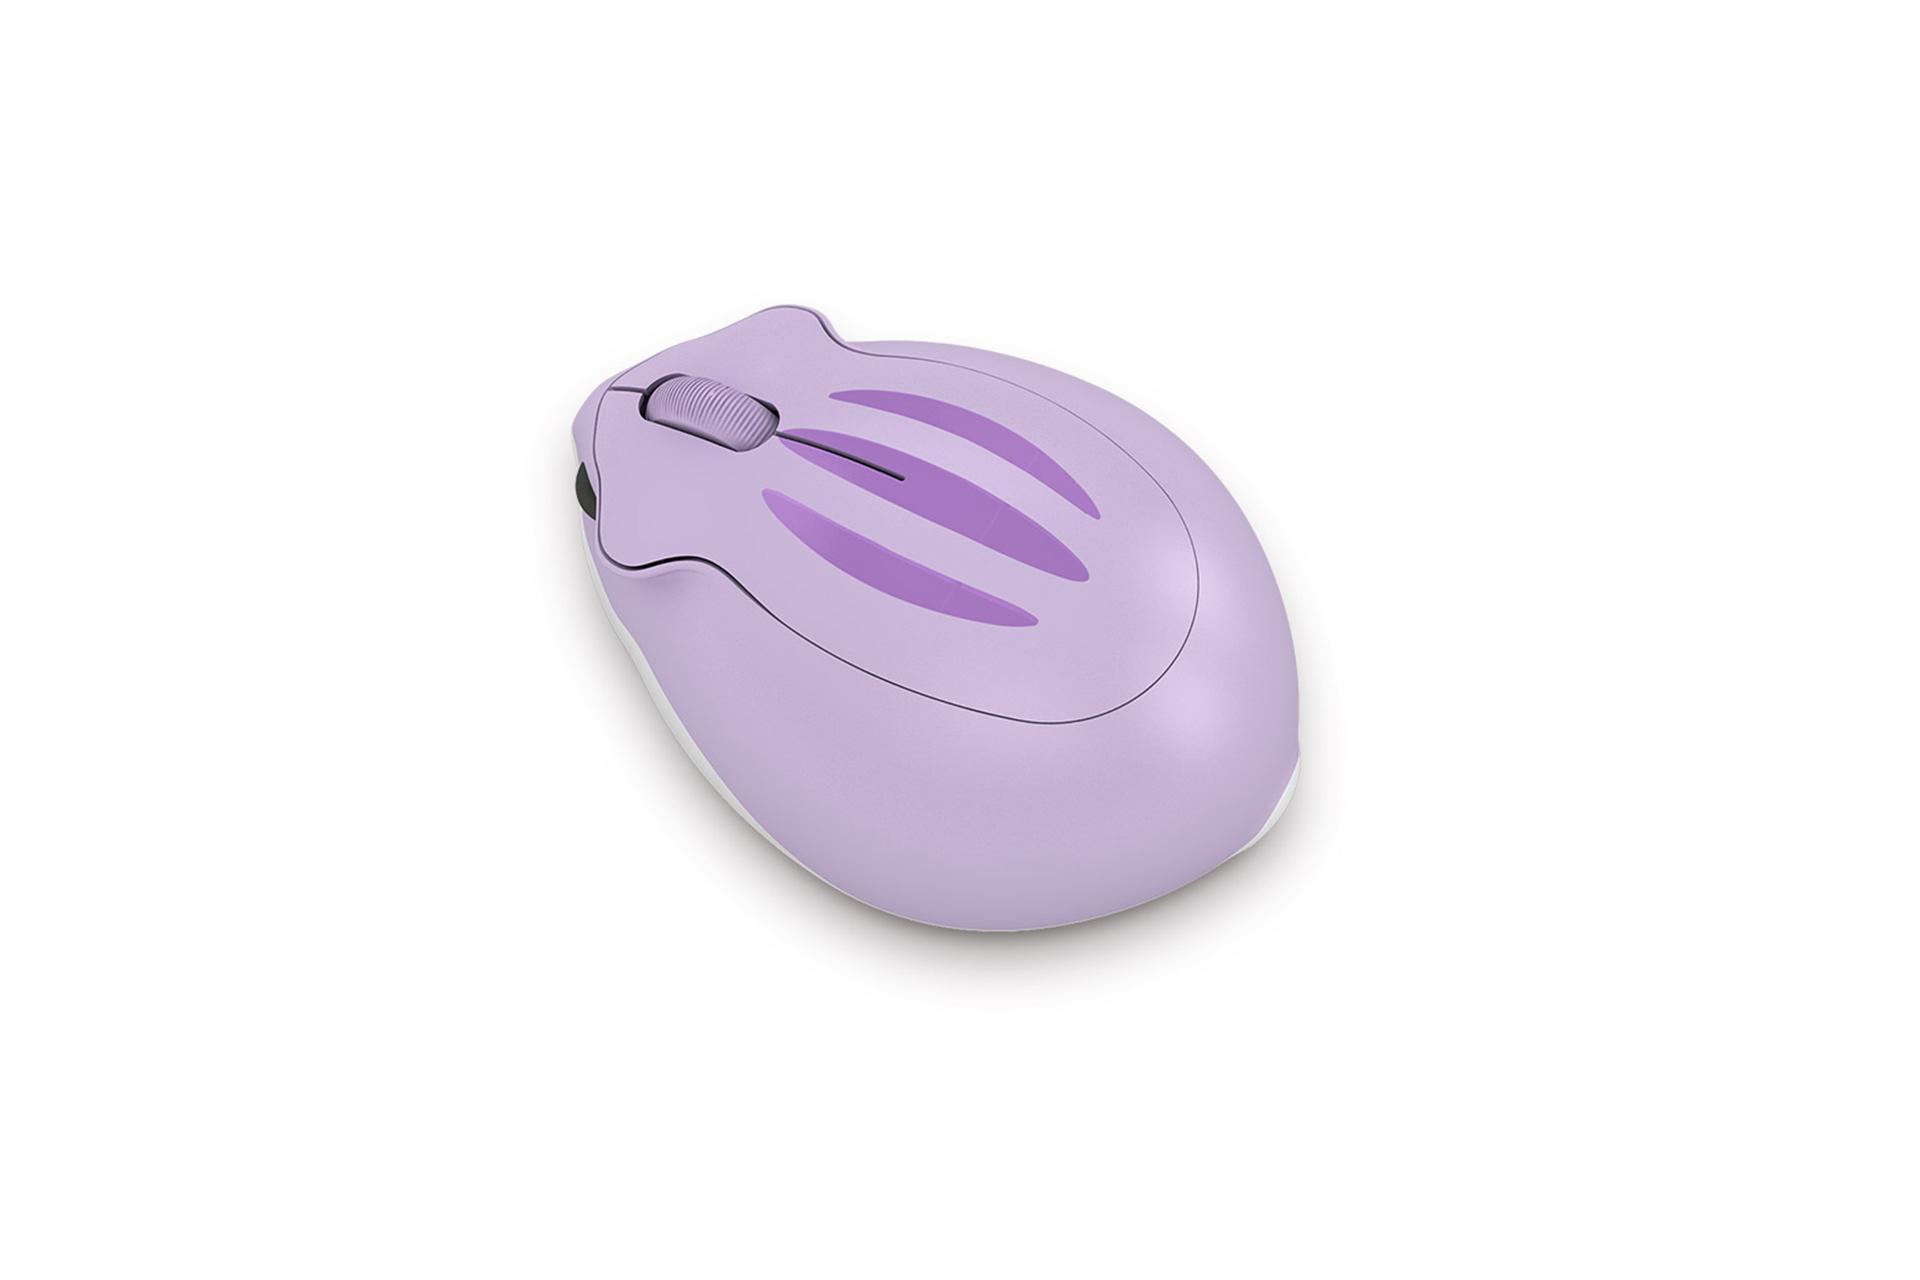 Chuột không dây Akko Hamster Shion sử dụng chuẩn kết nối không dây 2.4GHz